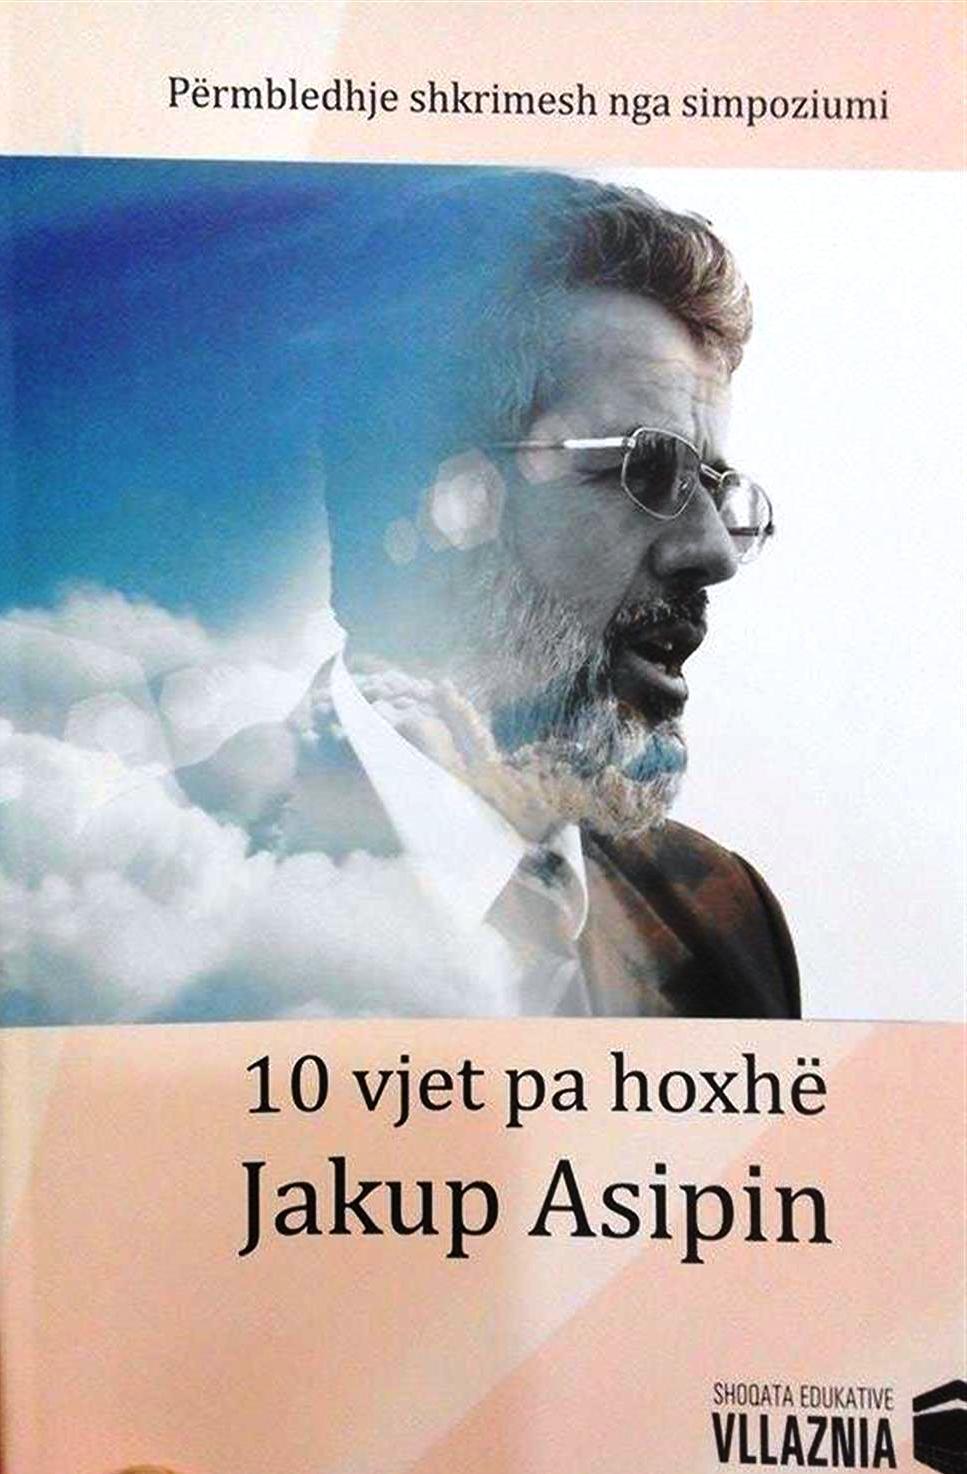 10 vjet pa Jakup Hasipin